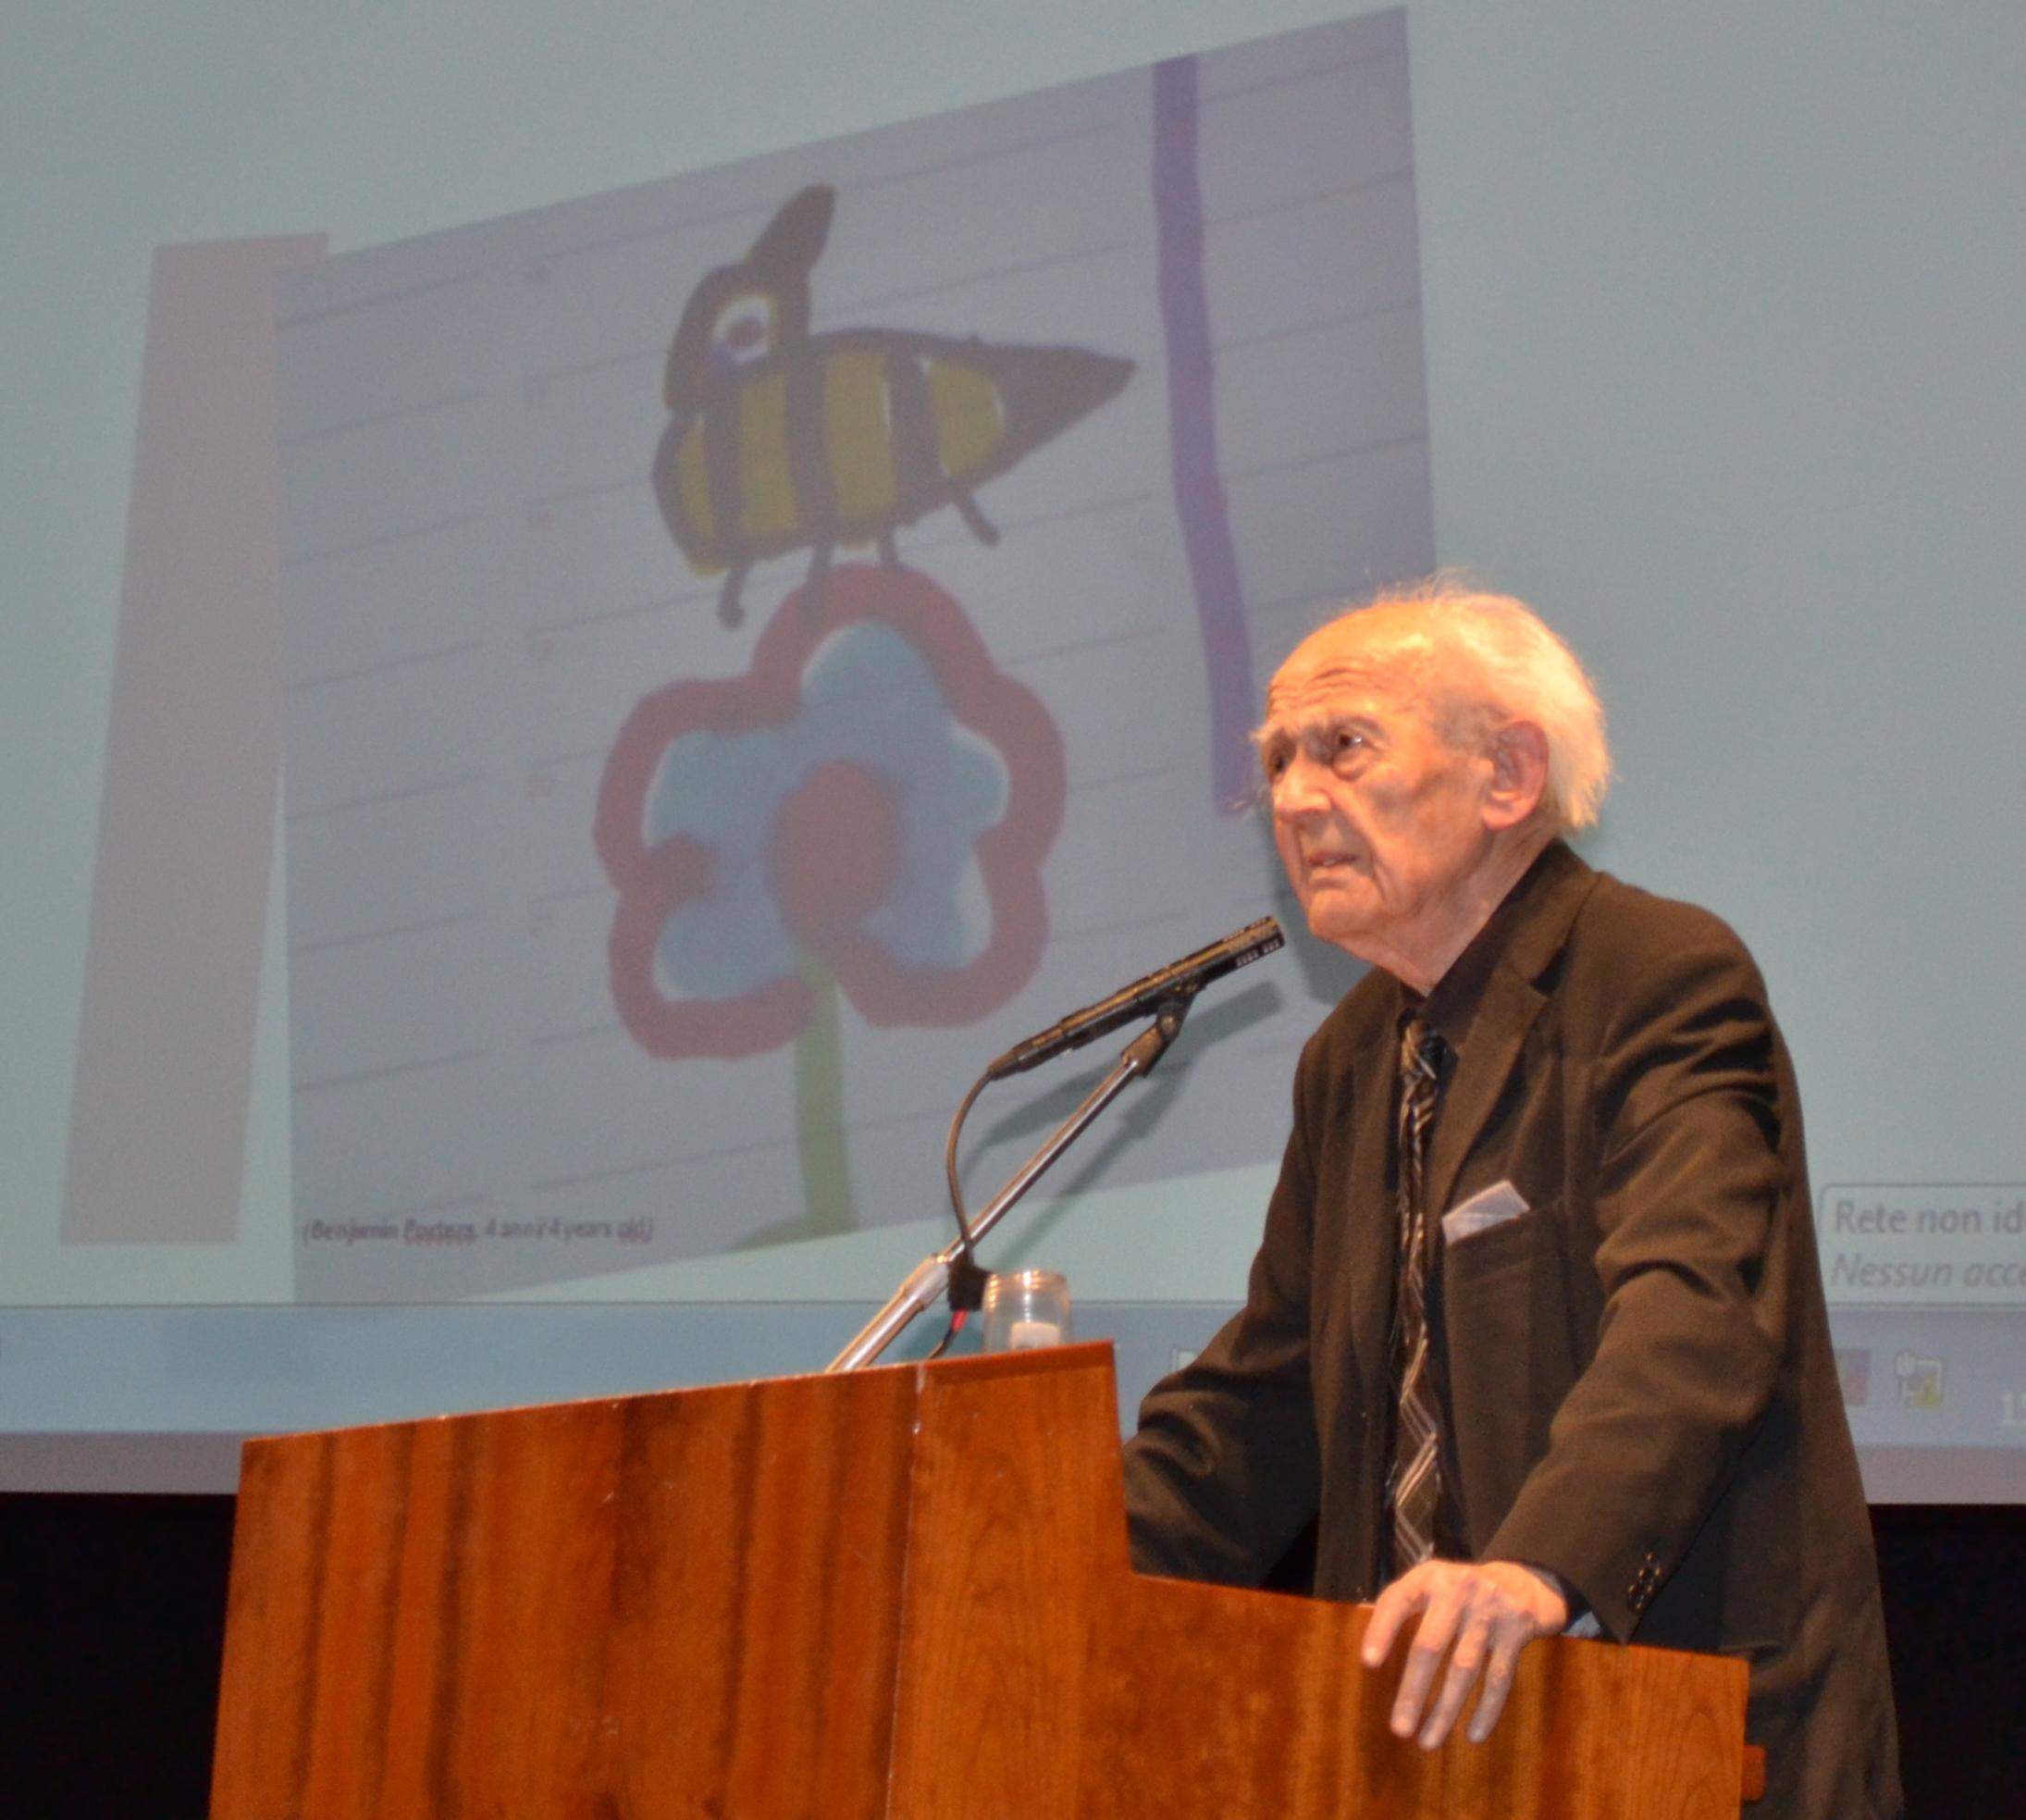 Zygmunt Bauman5